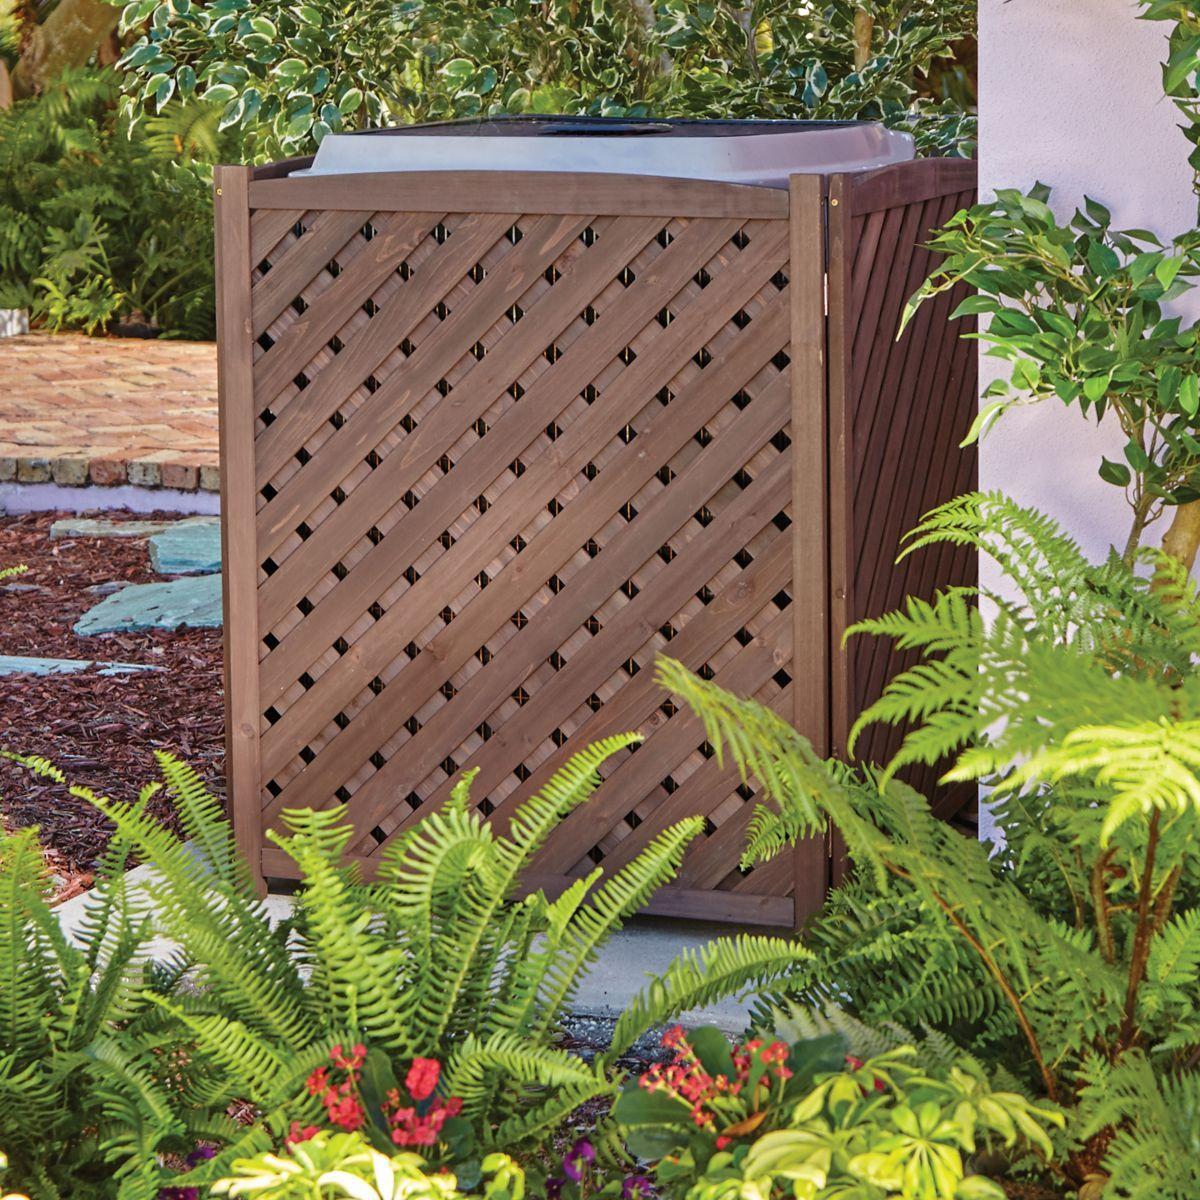 Wood Lattice Air Conditioner Screen Air conditioner